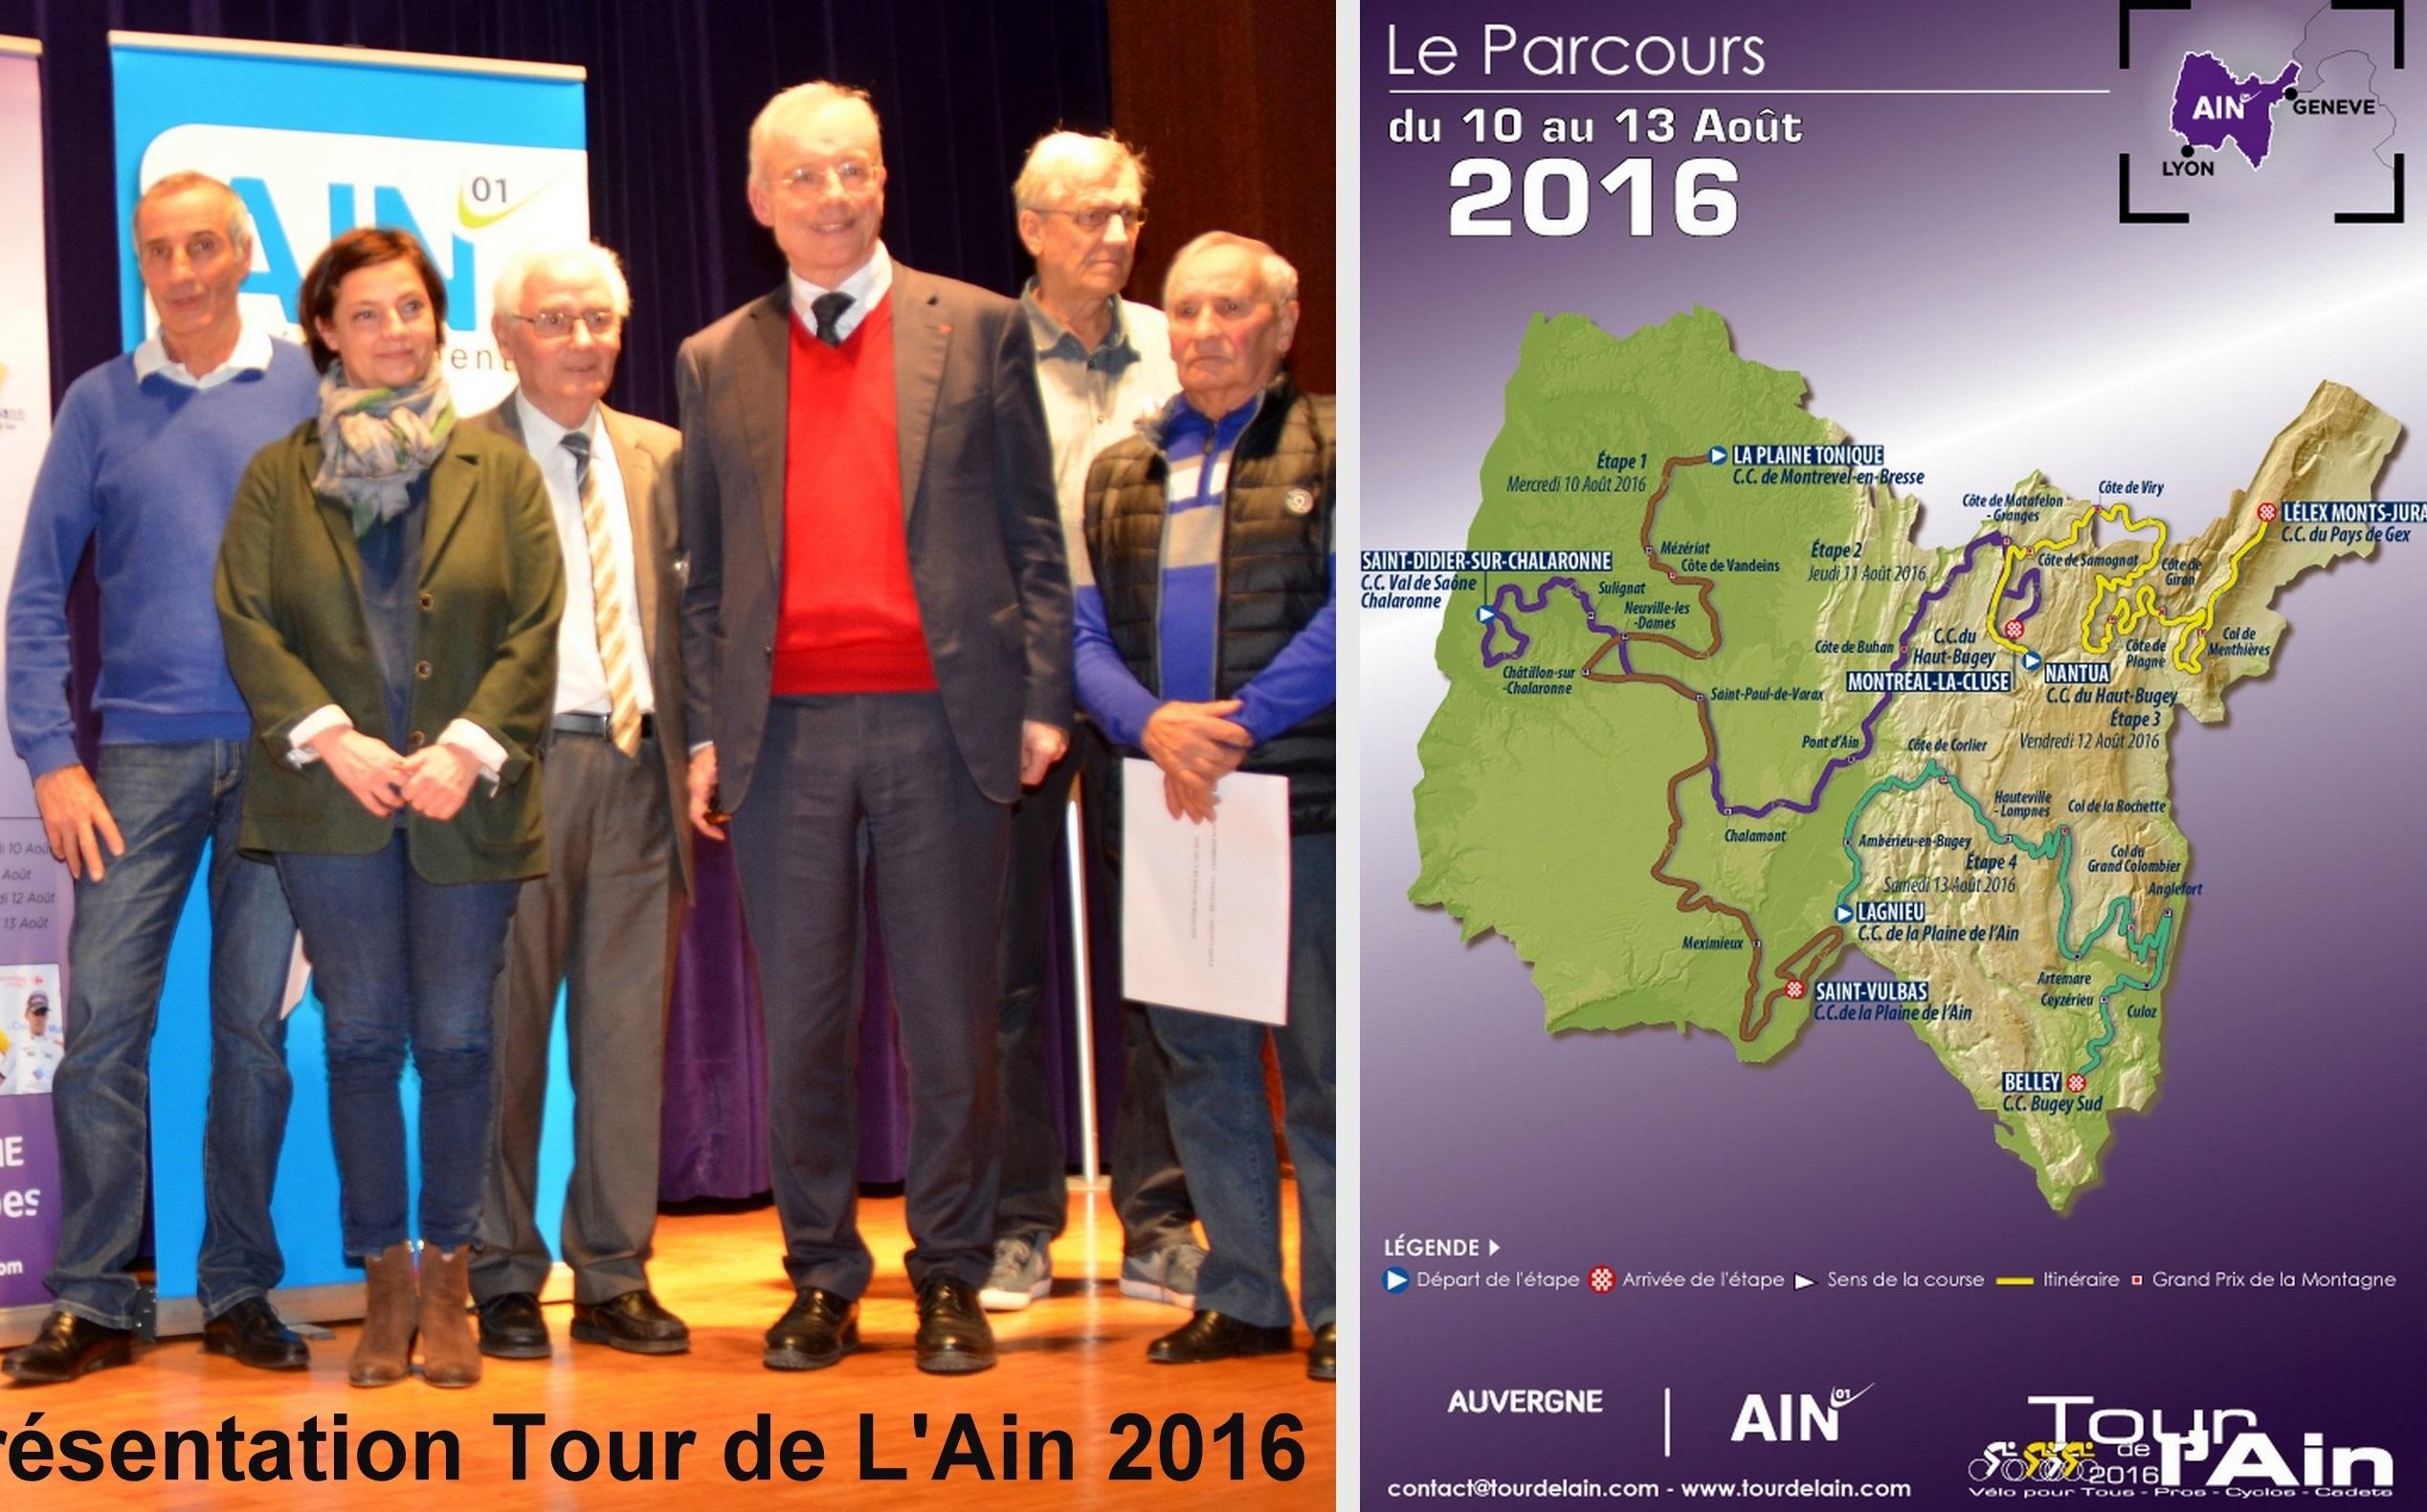 Tour de l'Ain 2016